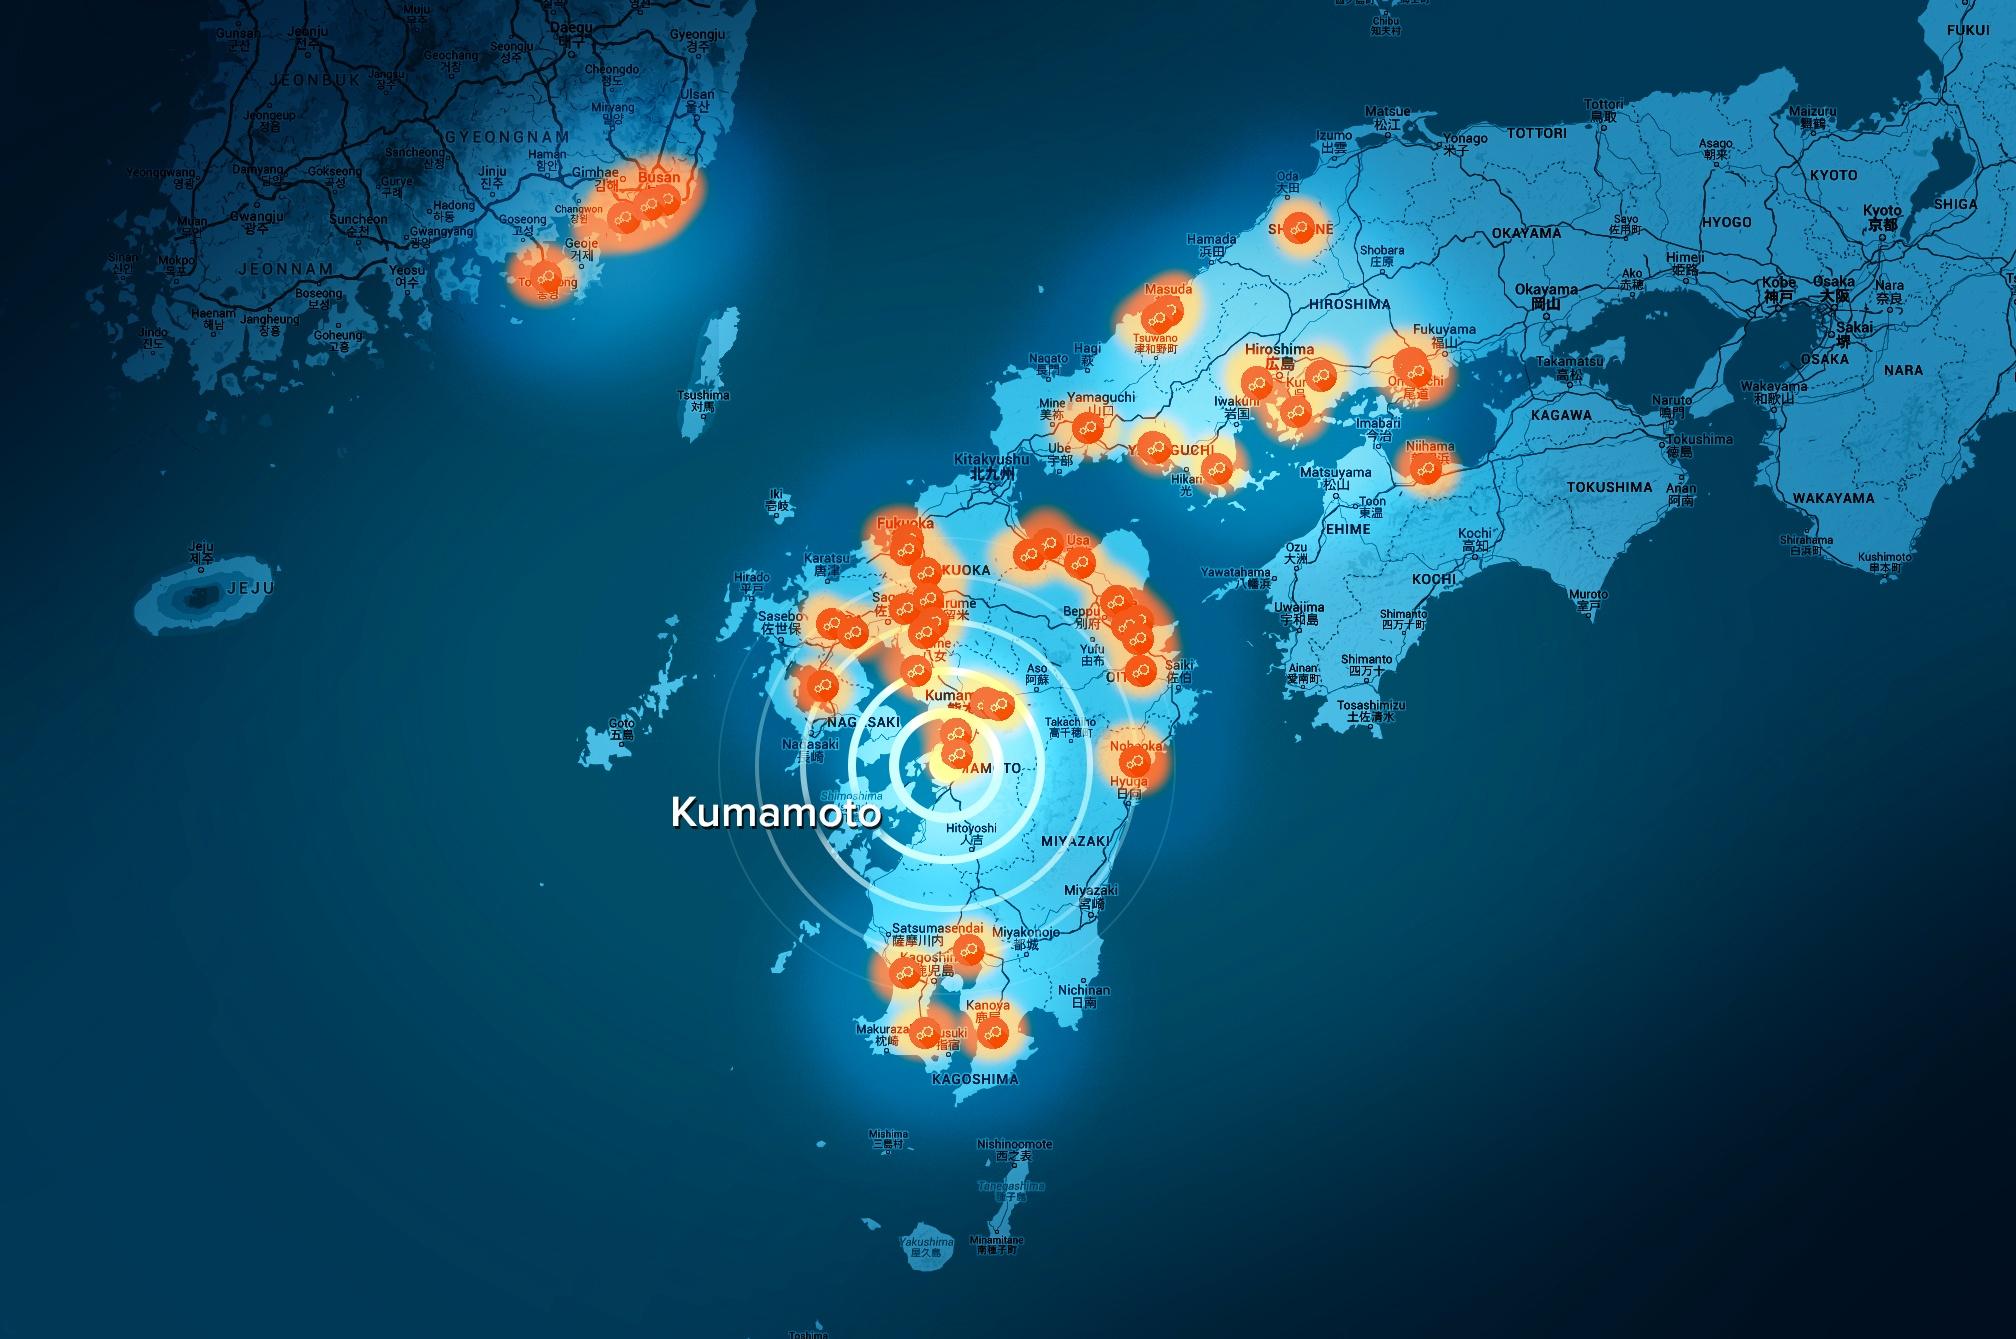 SR_kumamoto-quake_eventsV4c.jpg